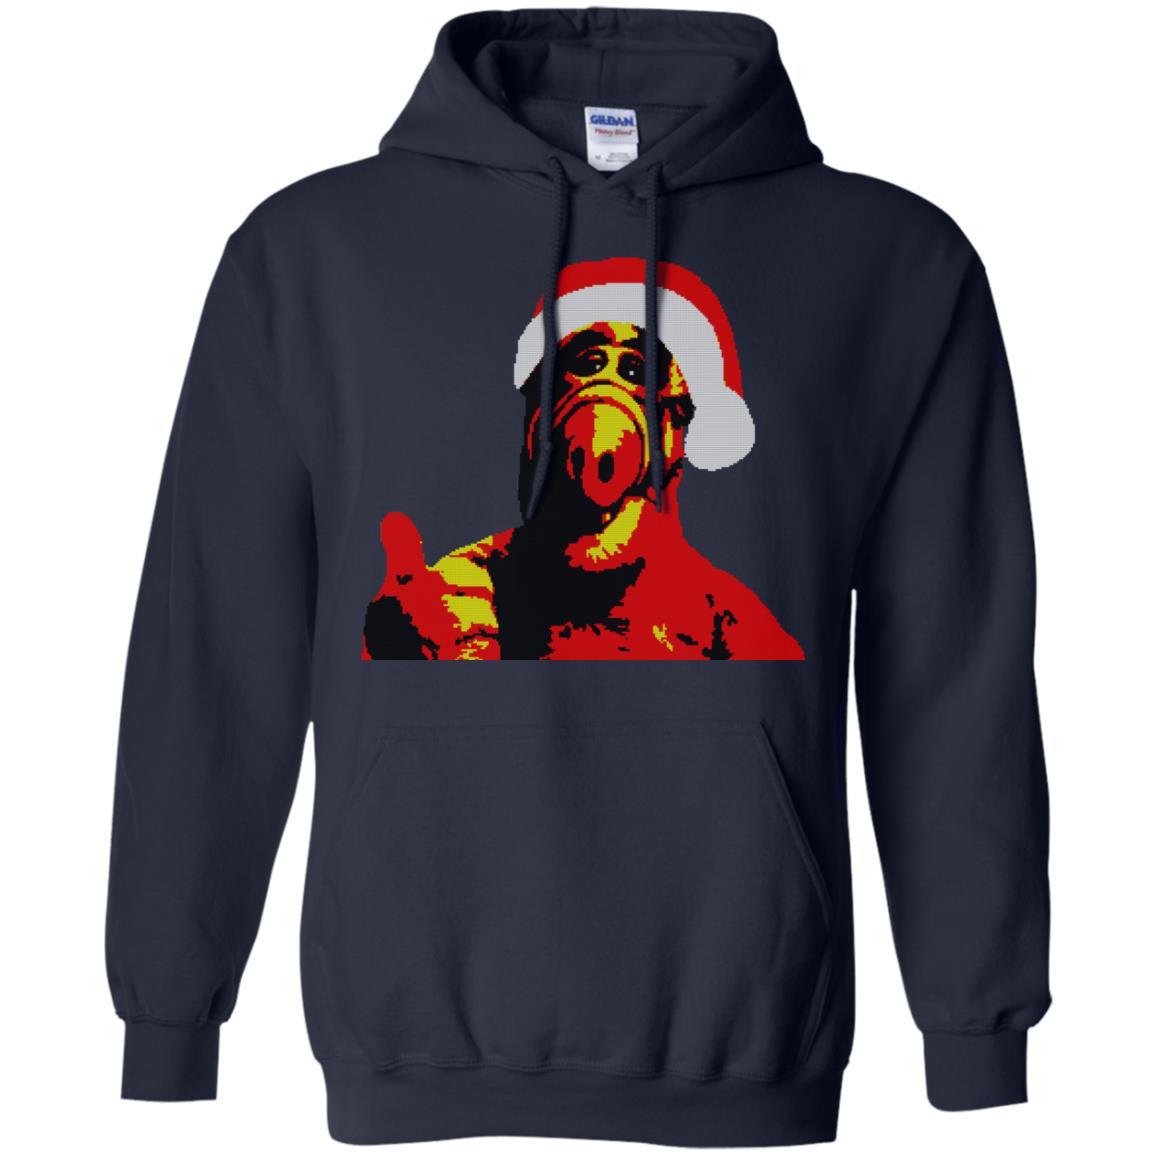 image 1027 - ALF Christmas Sweater, Hoodie, Long Sleeve